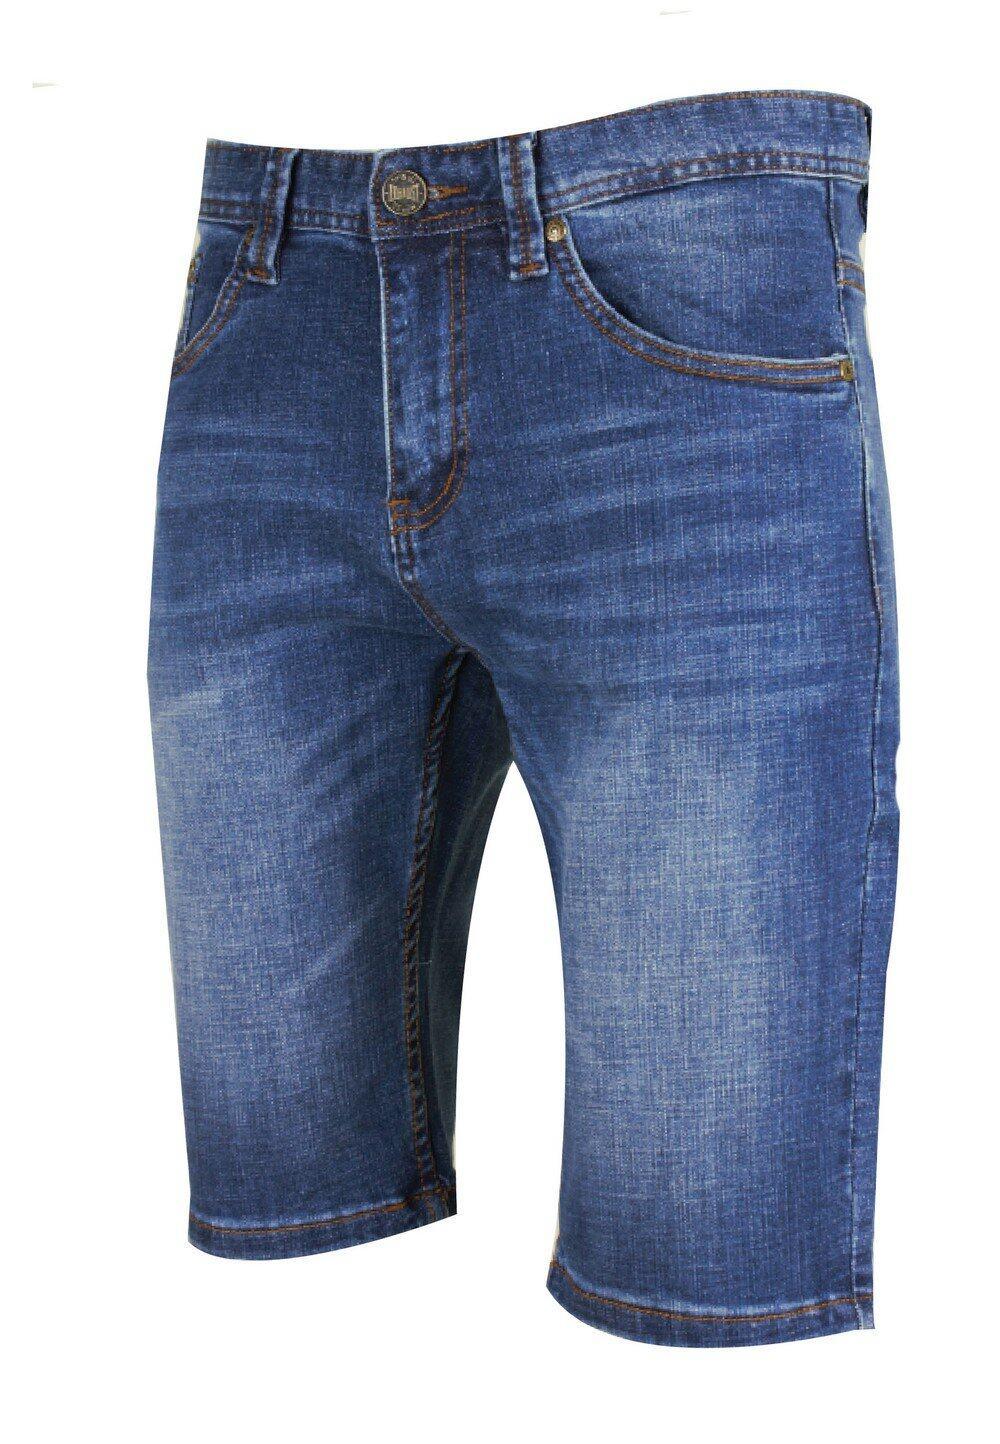 Exhaust Stretchable Denim Short Pants Slim Fit 779